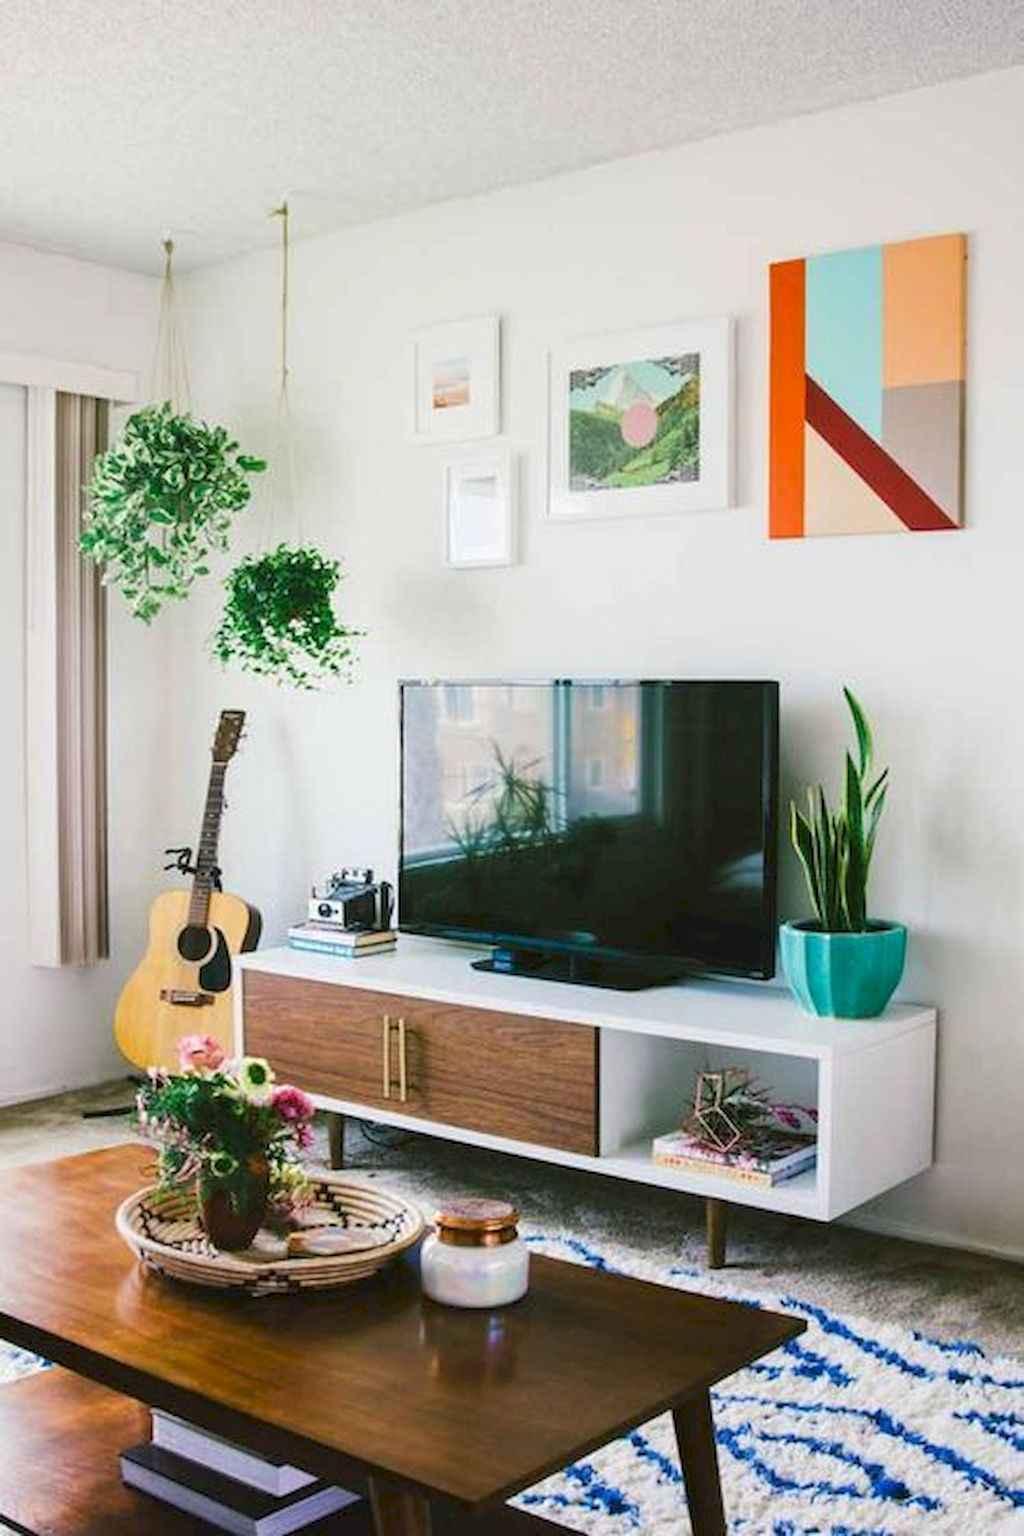 40 Genius Studio Apartment Ideas Decorating On A Budget (34)